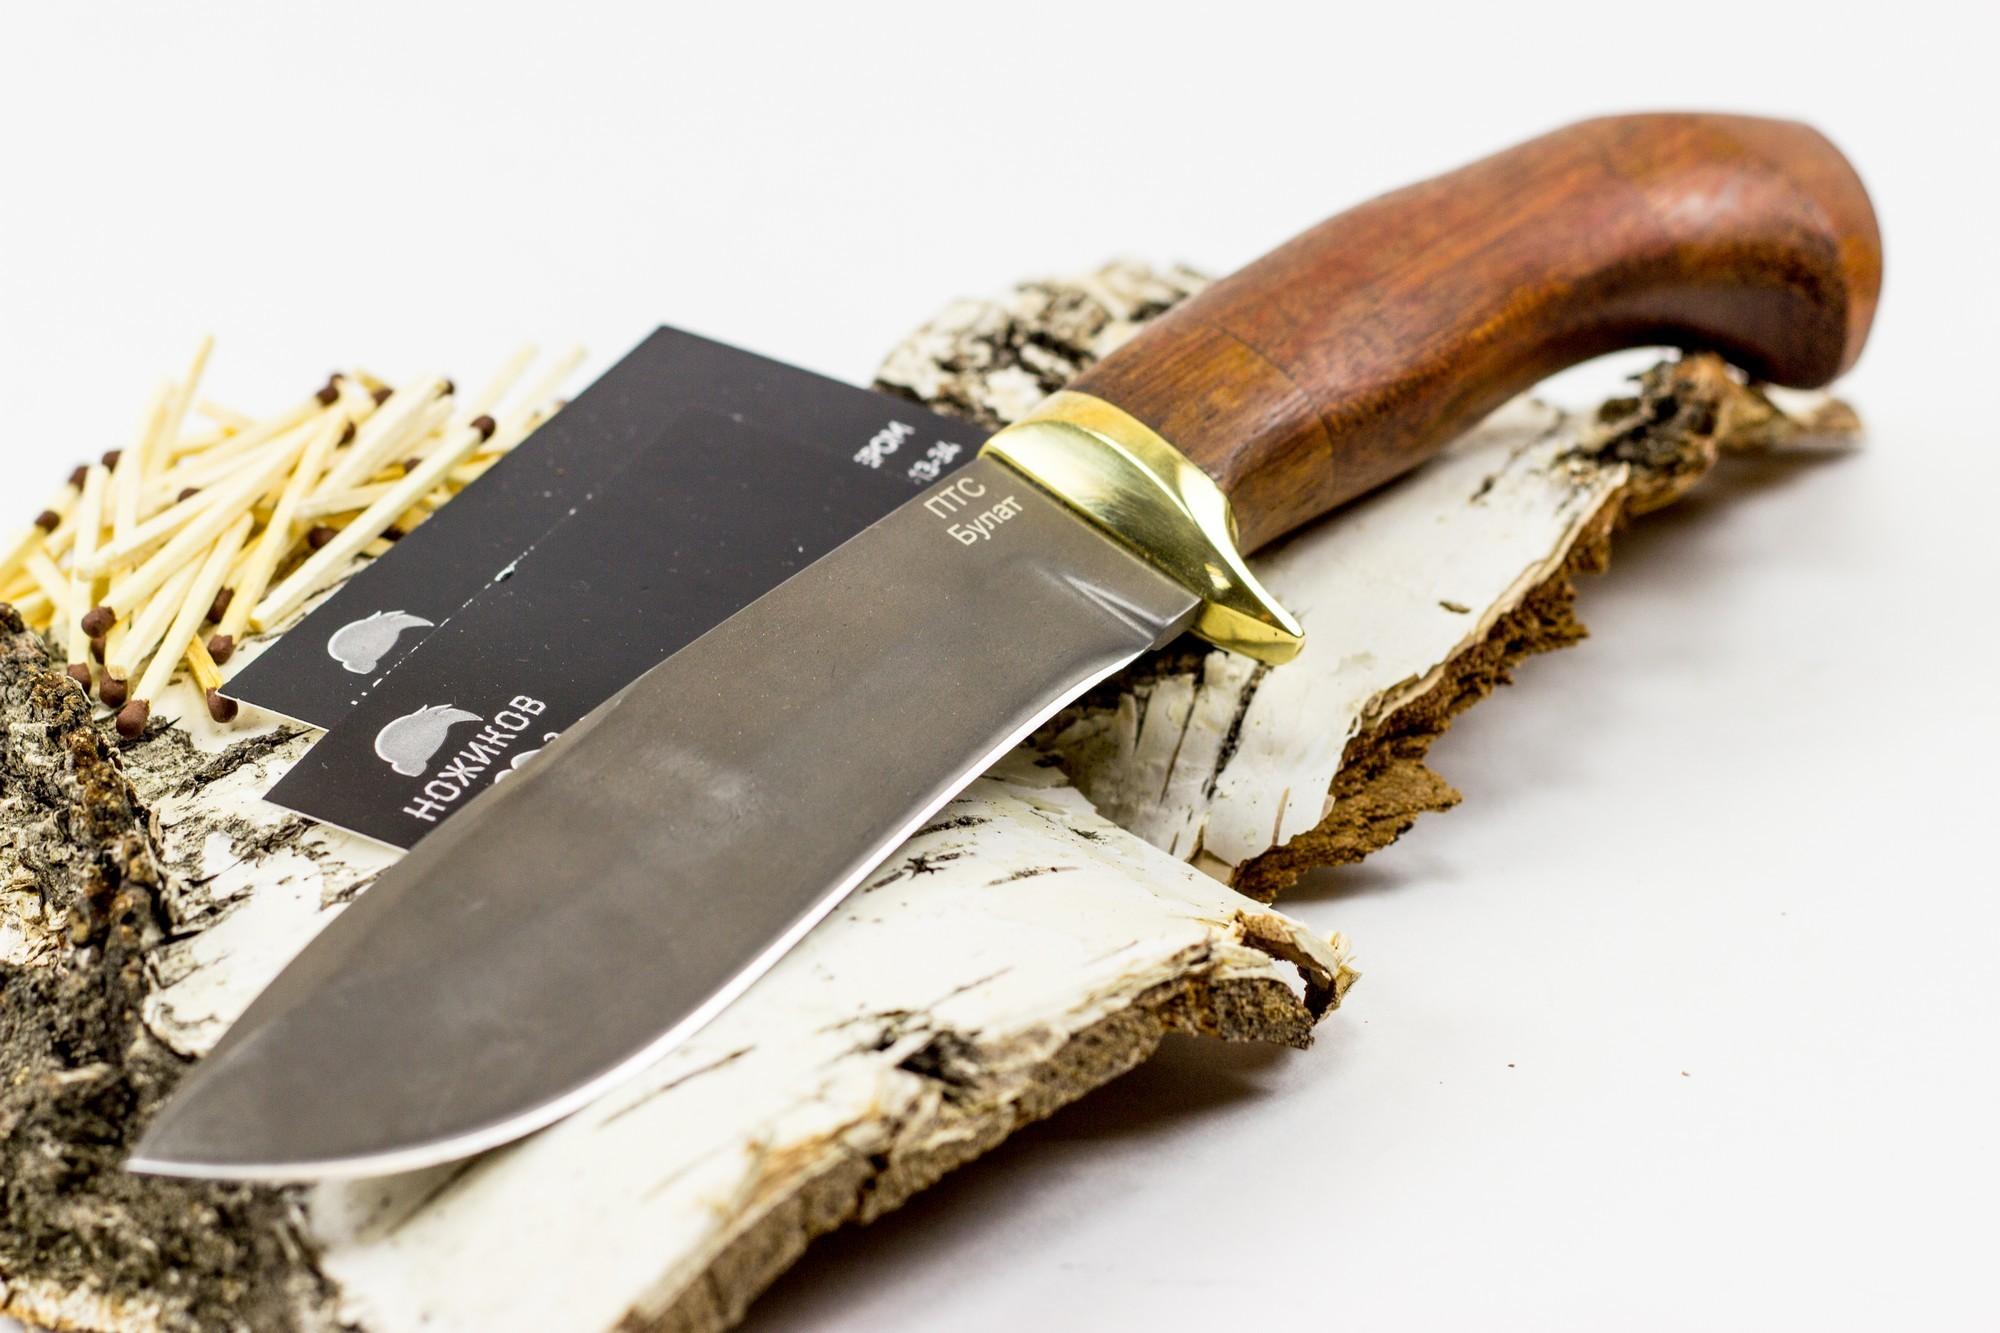 Фото 6 - Нож булатный Тюлень от Noname